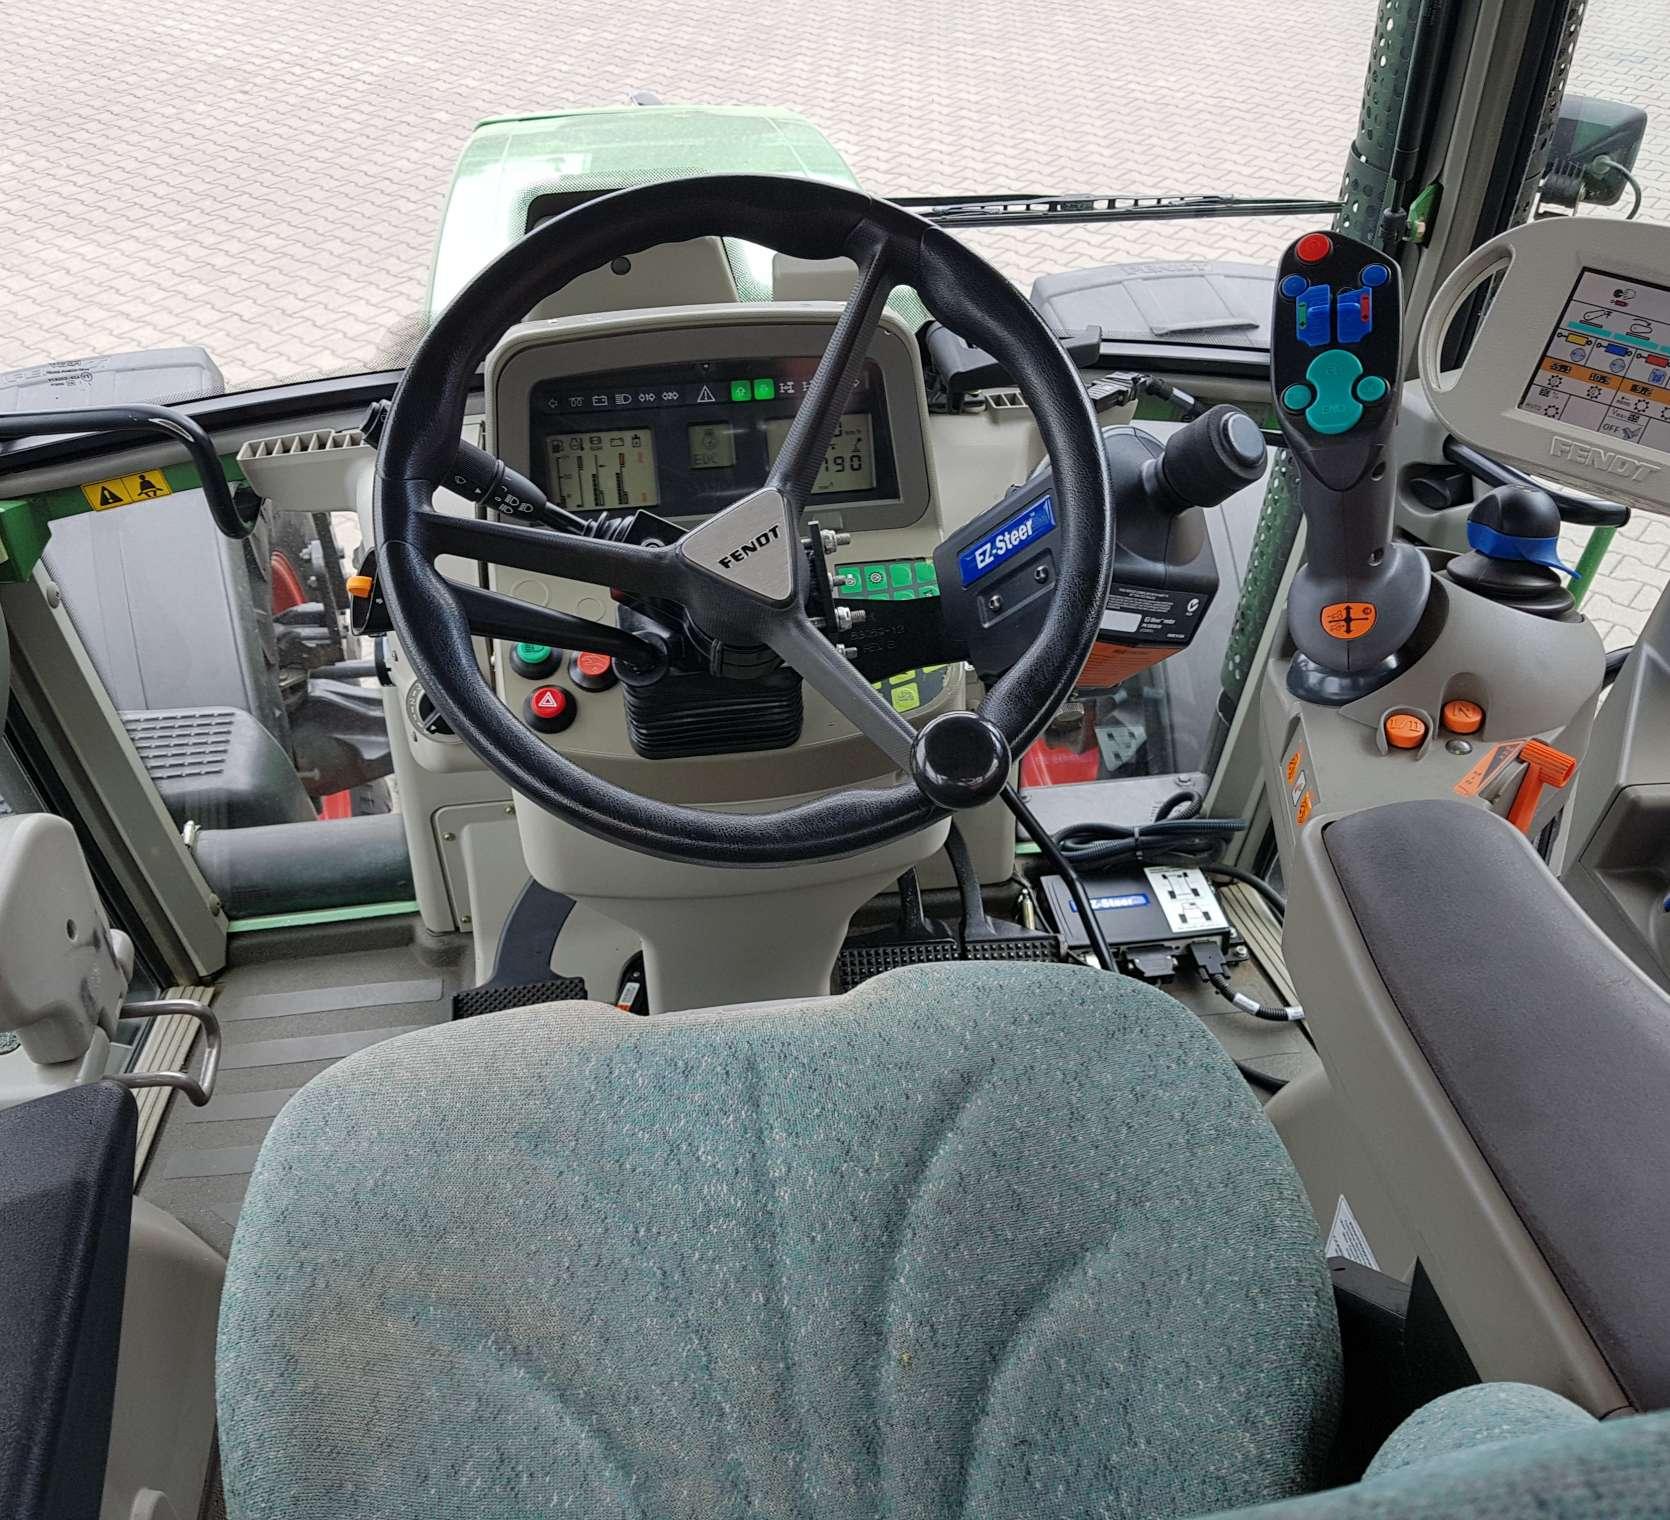 Wnętrze kabiny w ciągniku FENDT 716 Vario, kierwonica, fotel, joystick wielofunkcyjny